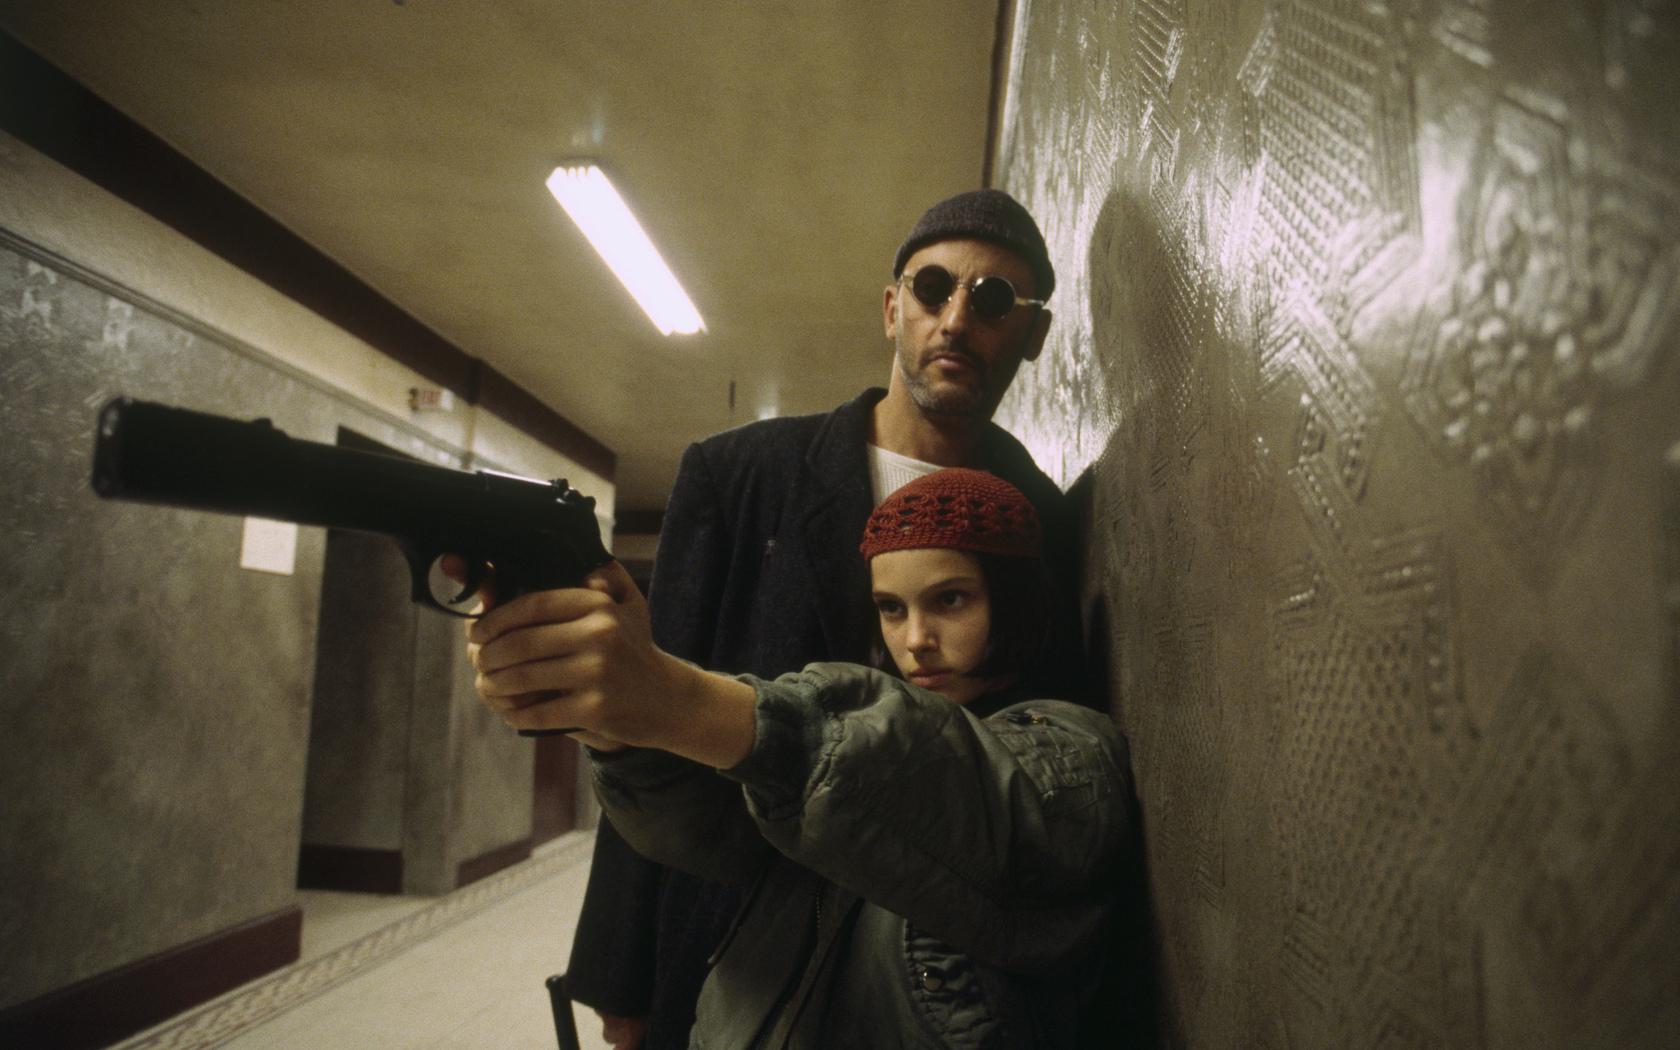 леон, жан рено, матильда, натали портман, драма, криминальный боевик, кино, ствол, целится, актёры